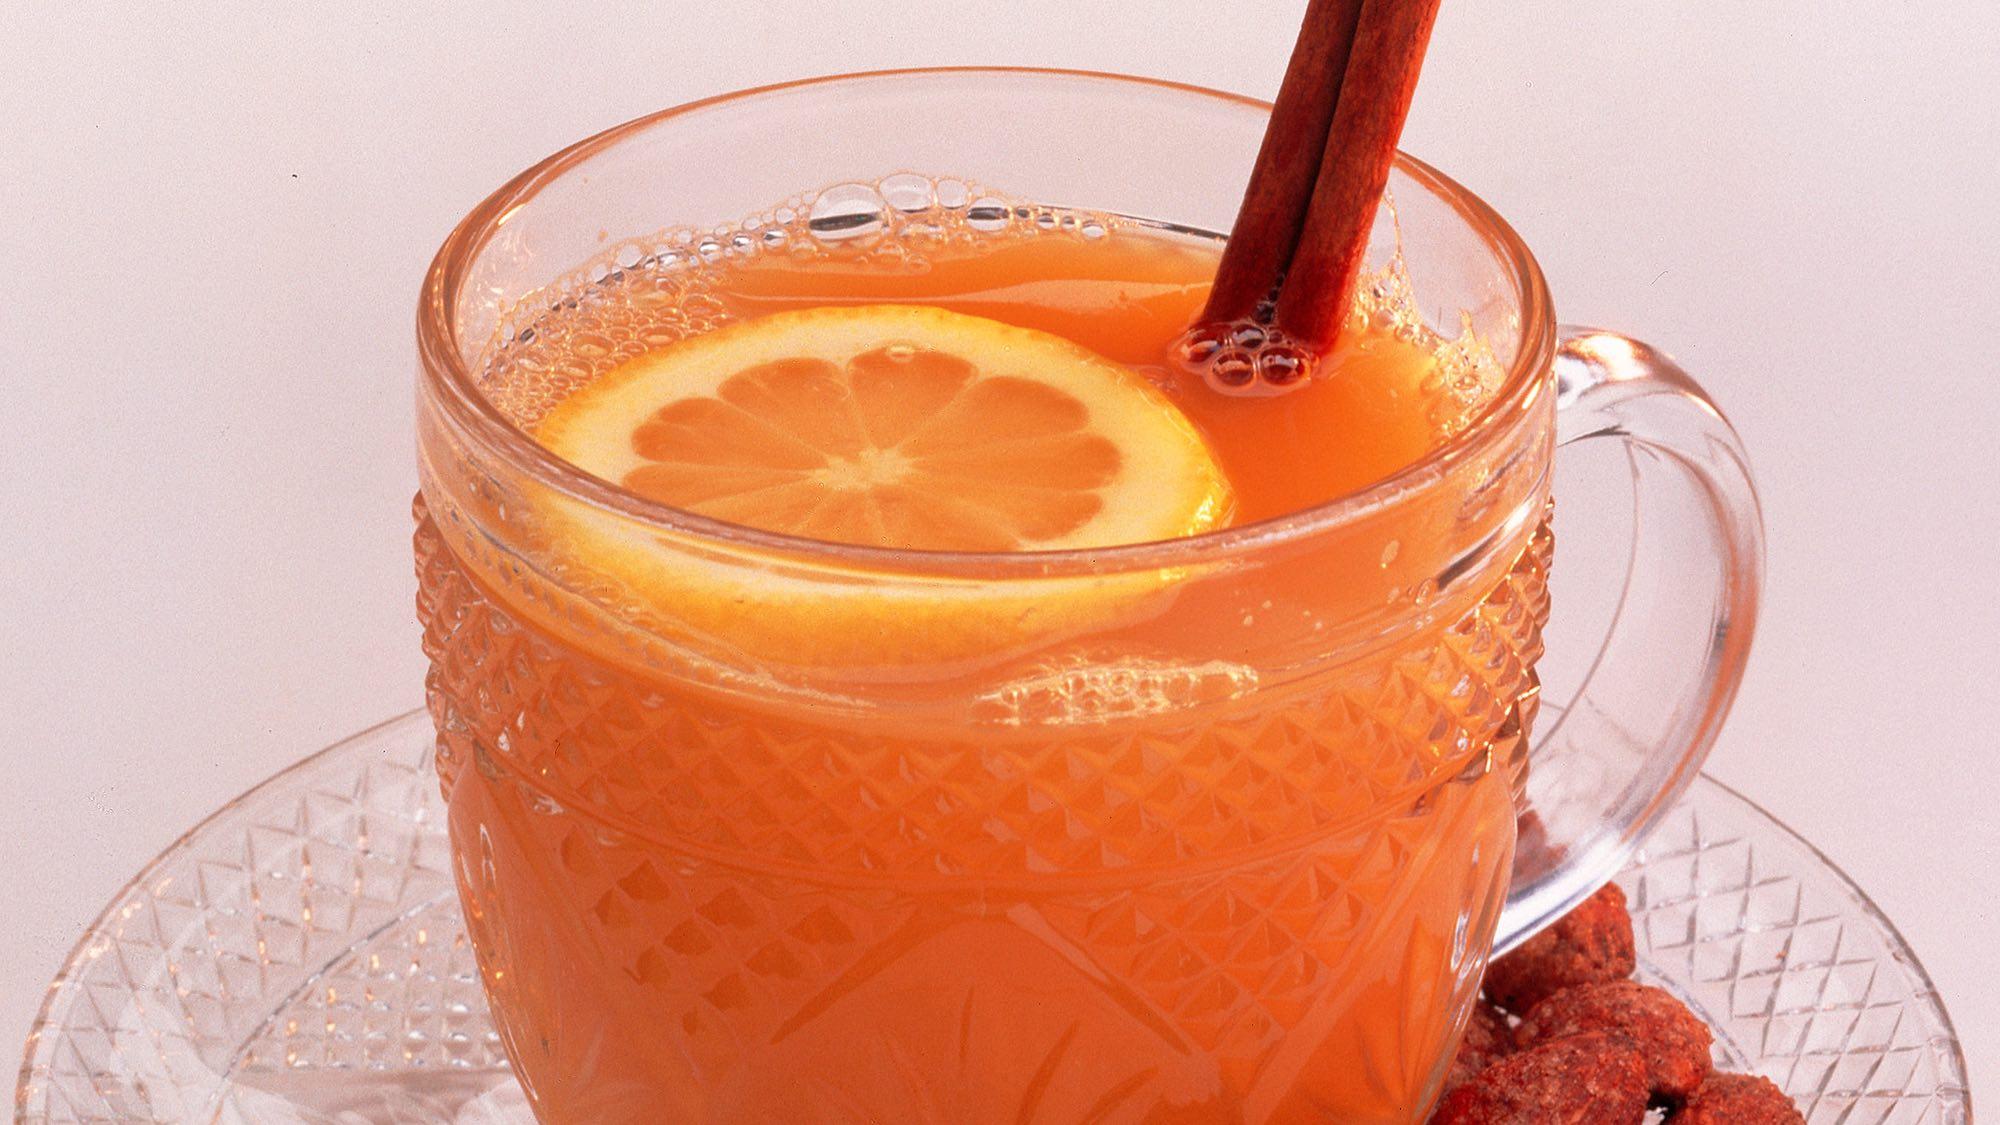 spiced-apple-juice.jpg